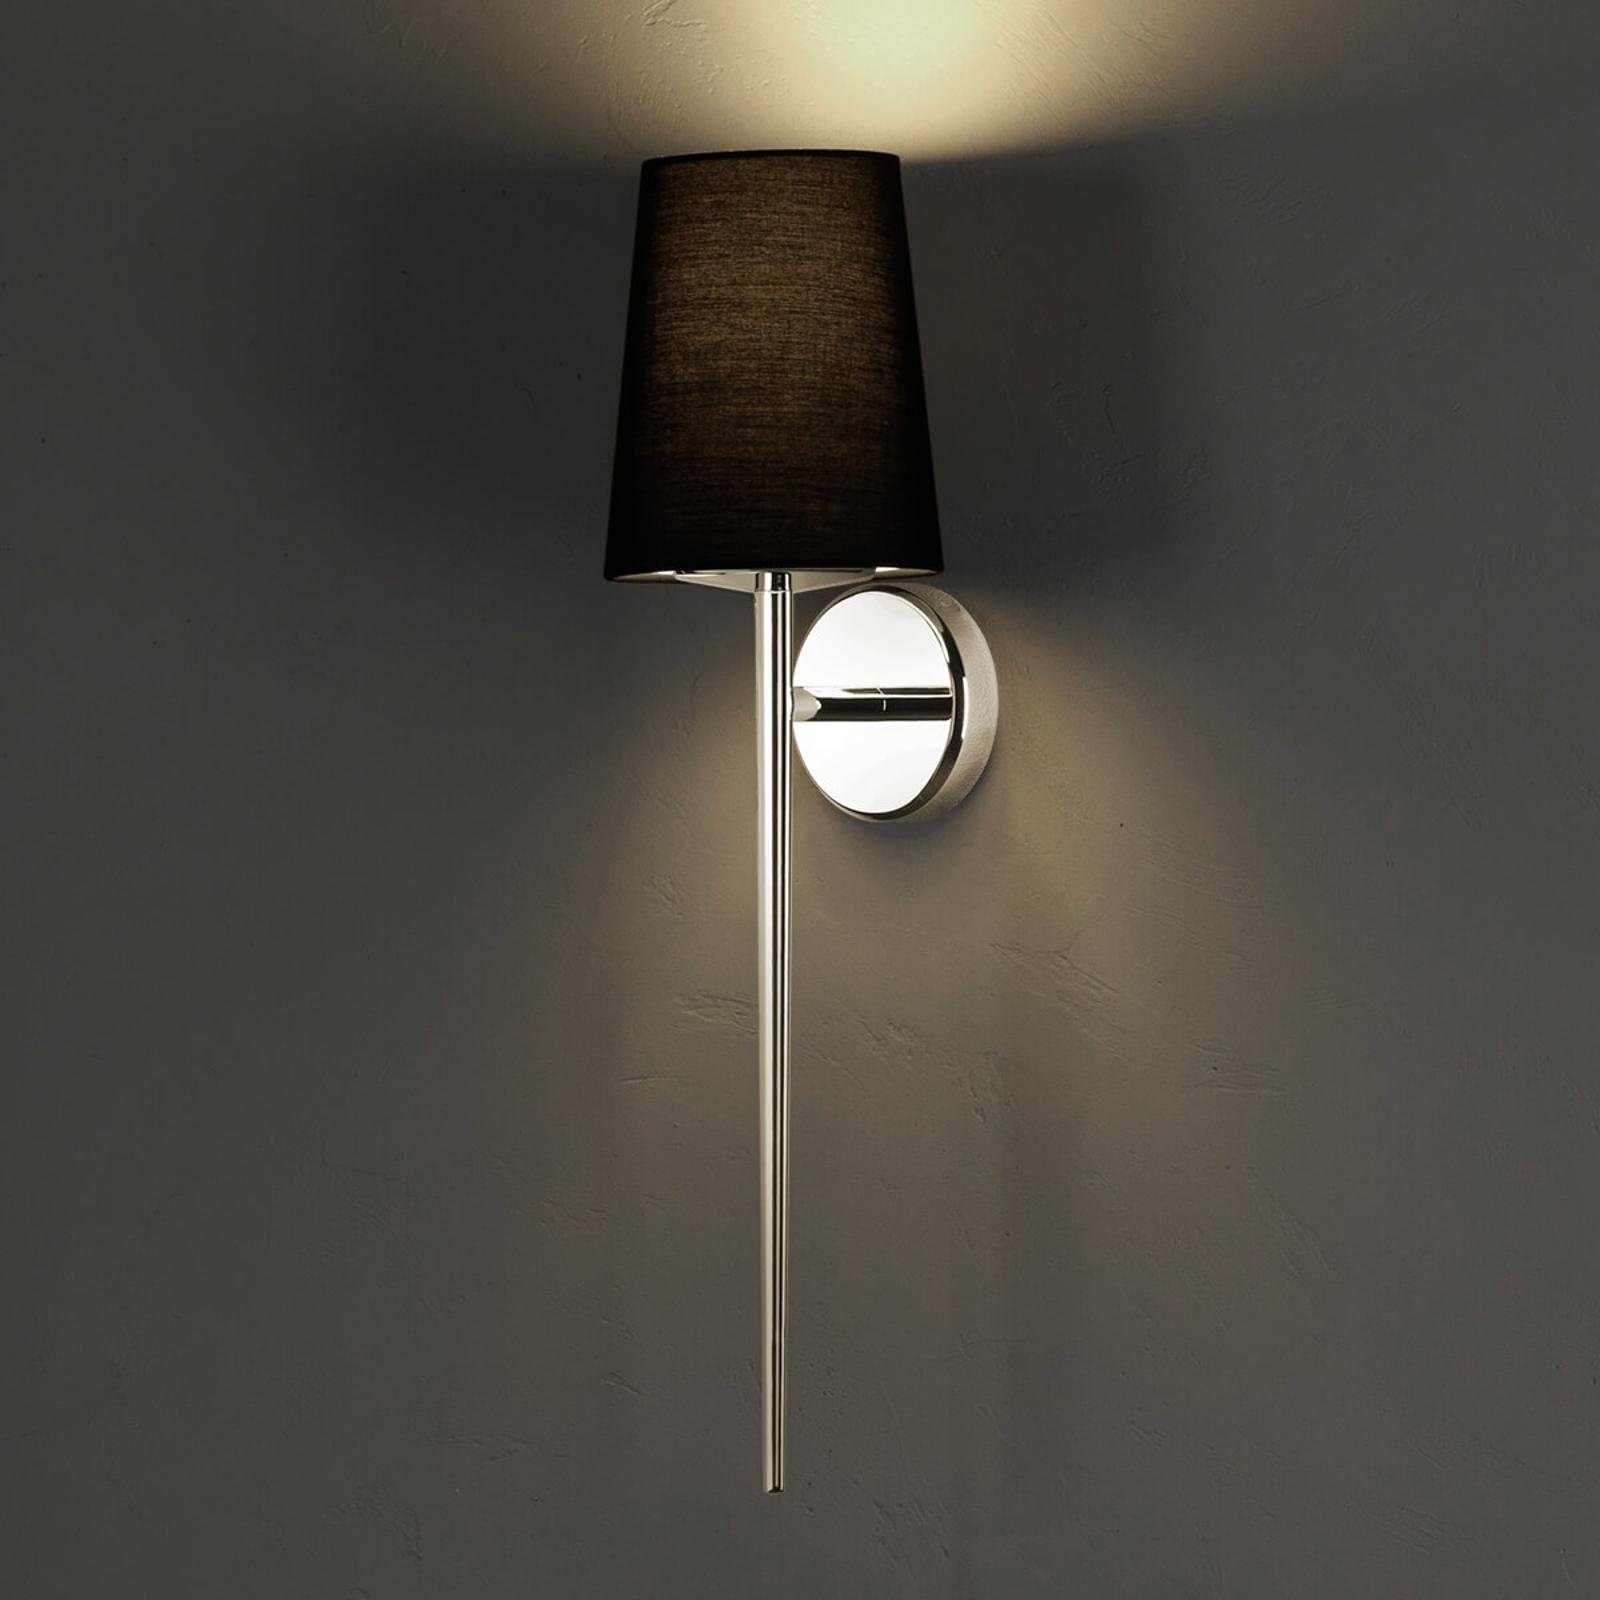 Astro Deauville - Textil-Wandlampe, Schirm schwarz